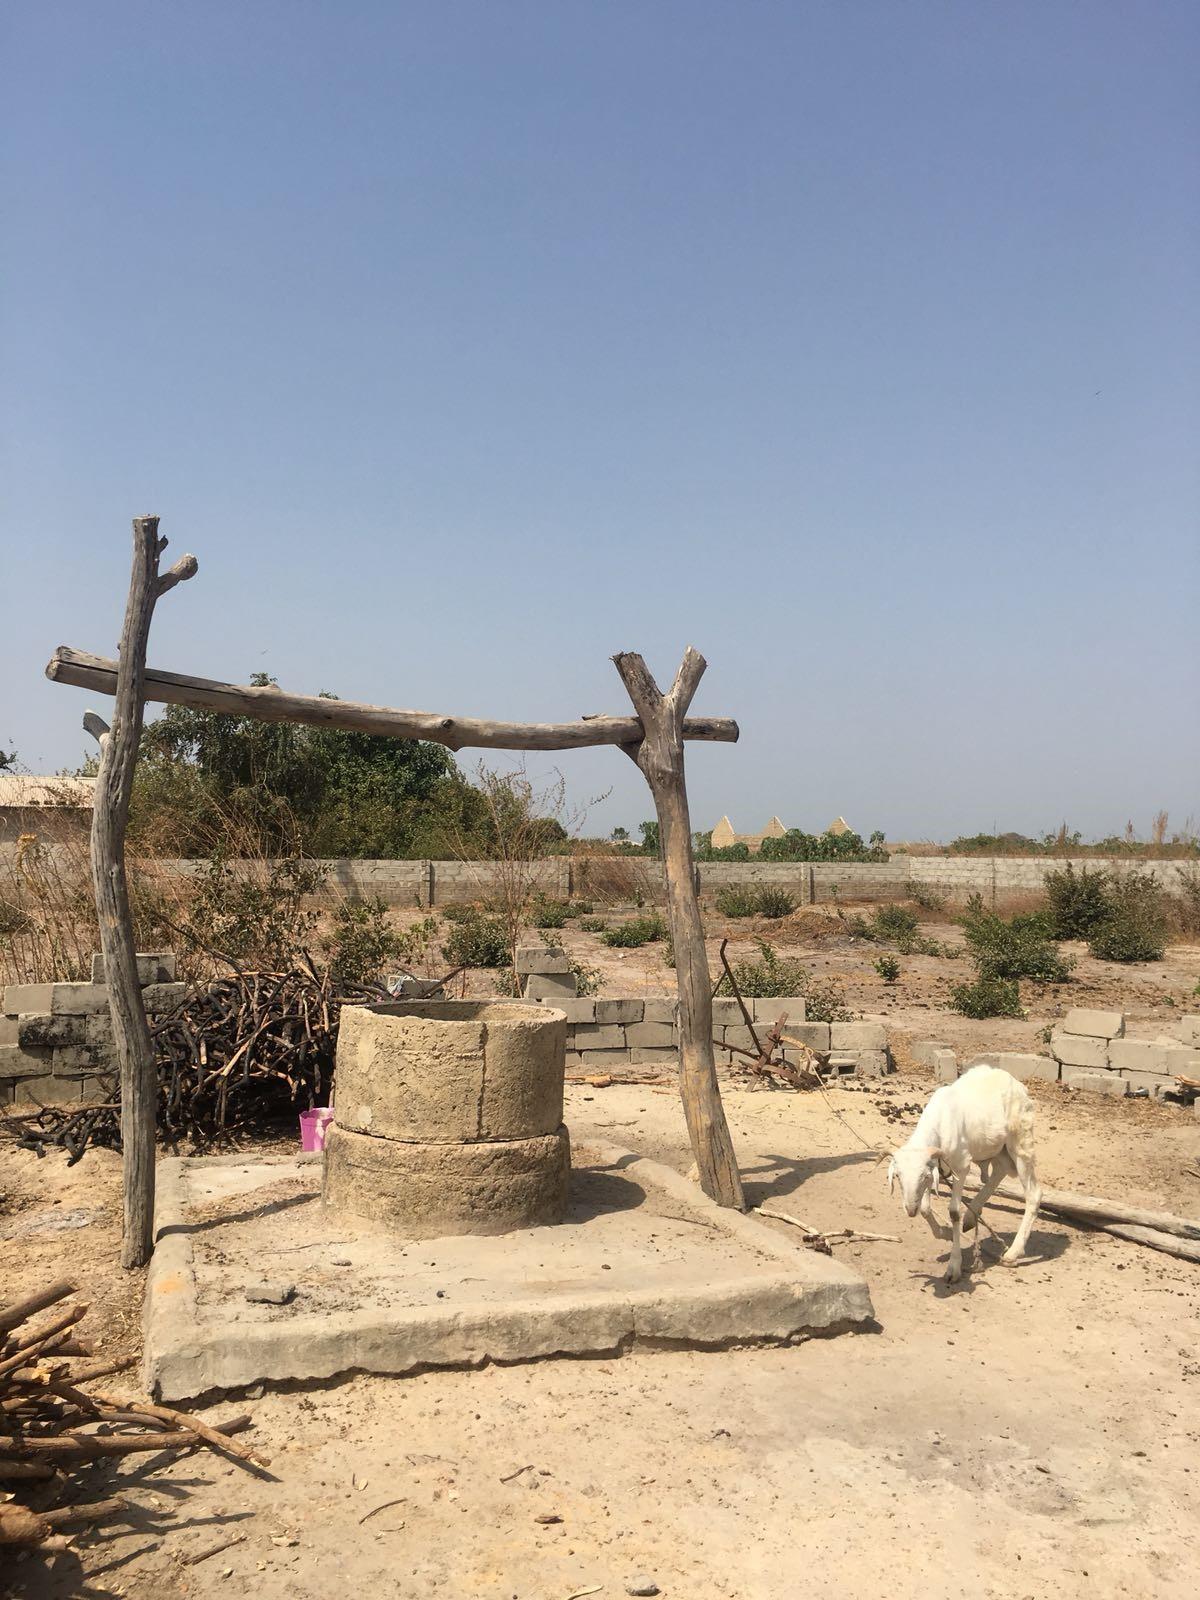 Gambia. Kuivuus. Suvi